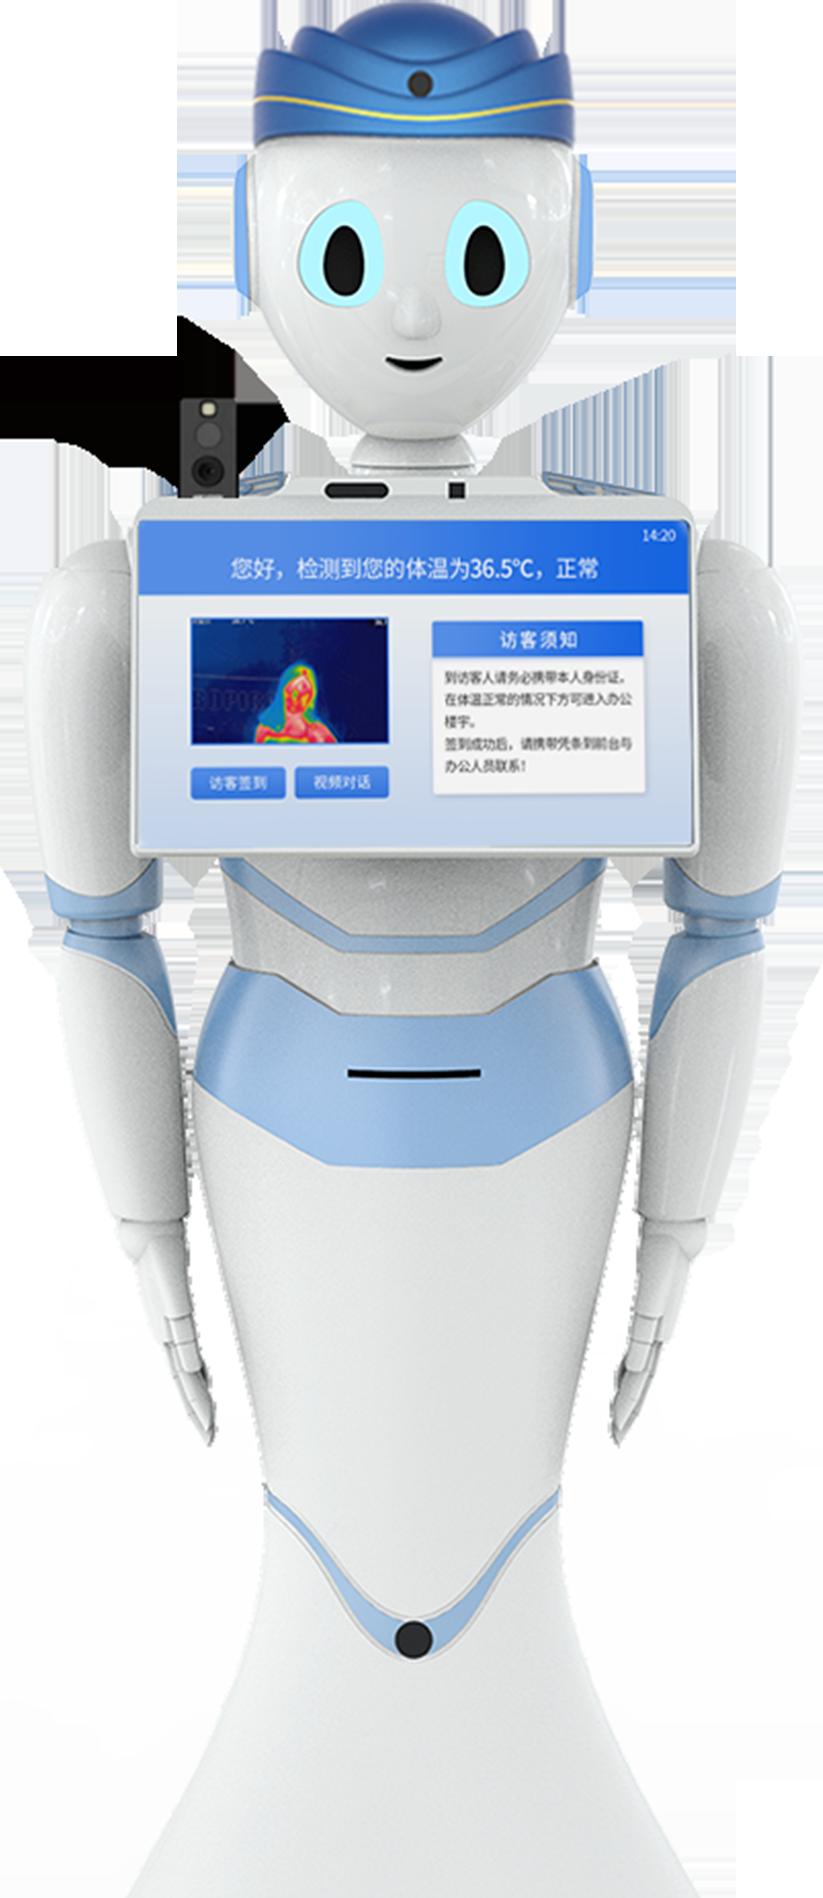 东软测温防控/智能巡检机器人